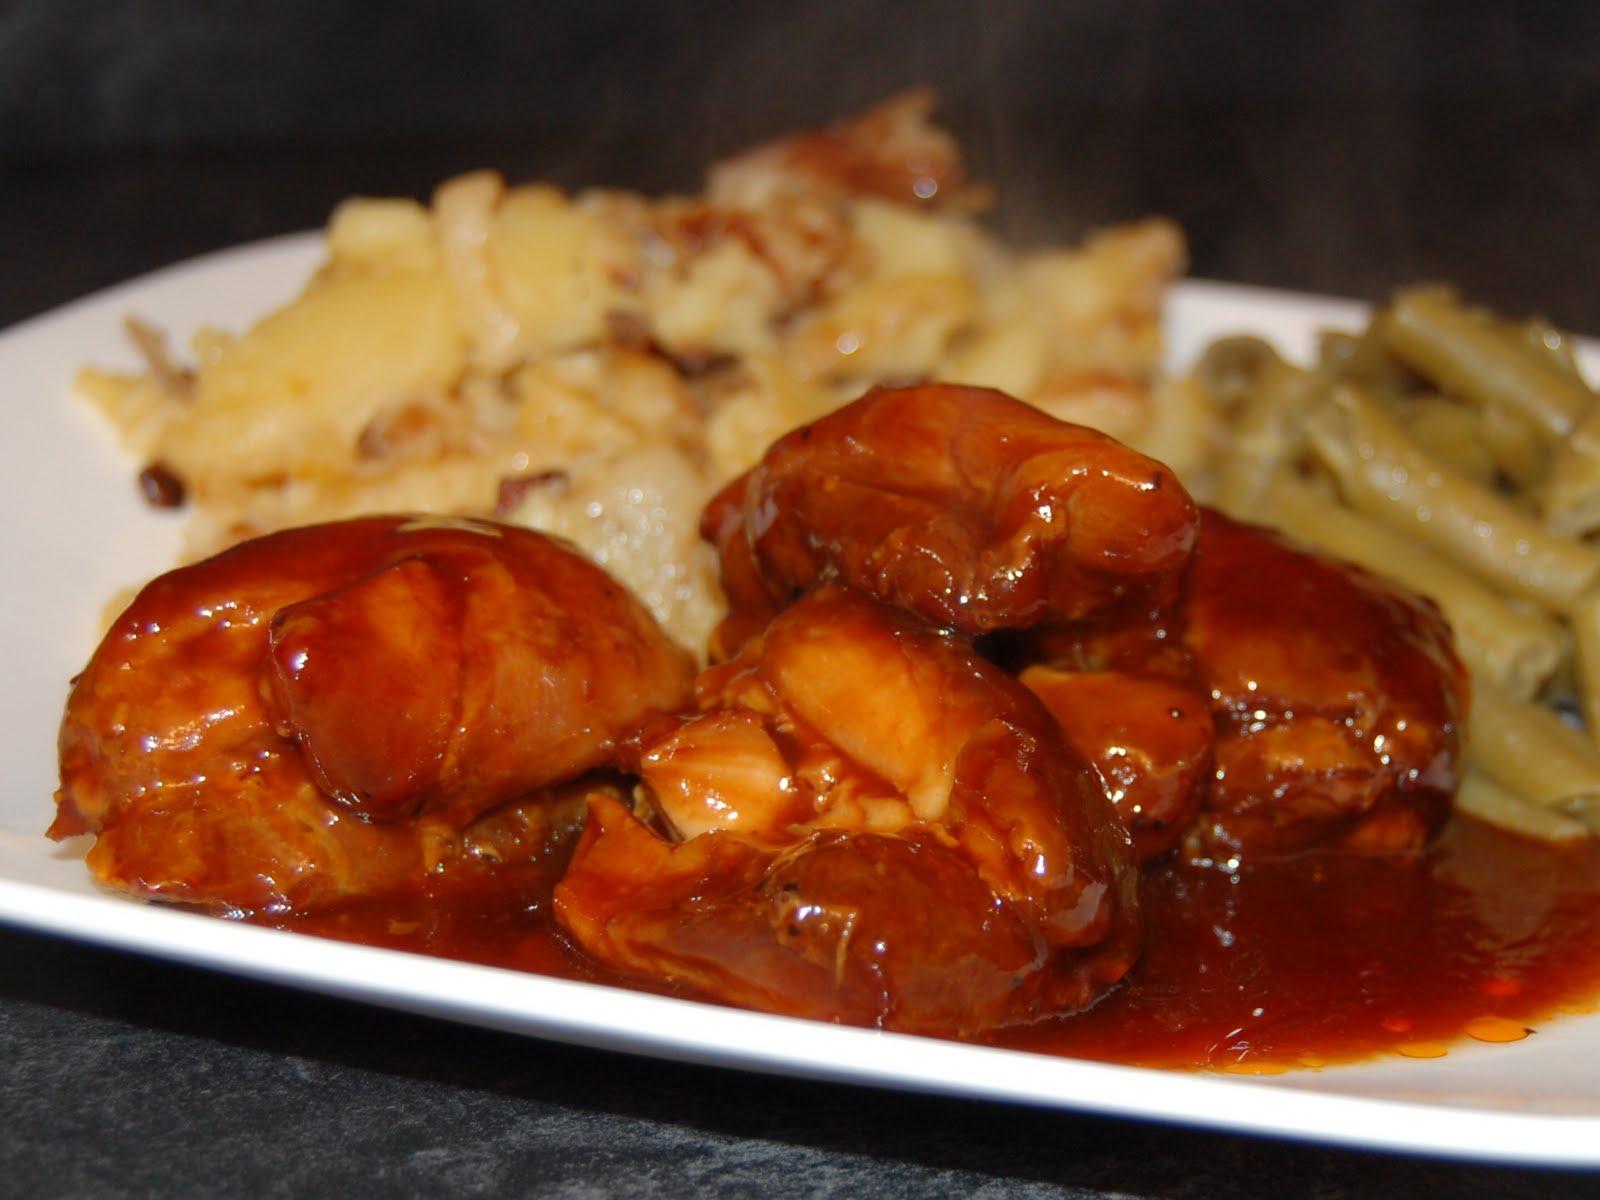 http://2.bp.blogspot.com/_7J5sul26c_0/Swf5JJCEgBI/AAAAAAAACx4/kKky6KG6oyI/s1600/saucy%2Bslow-cooked%2Bchicken%2Bthighs.jpg